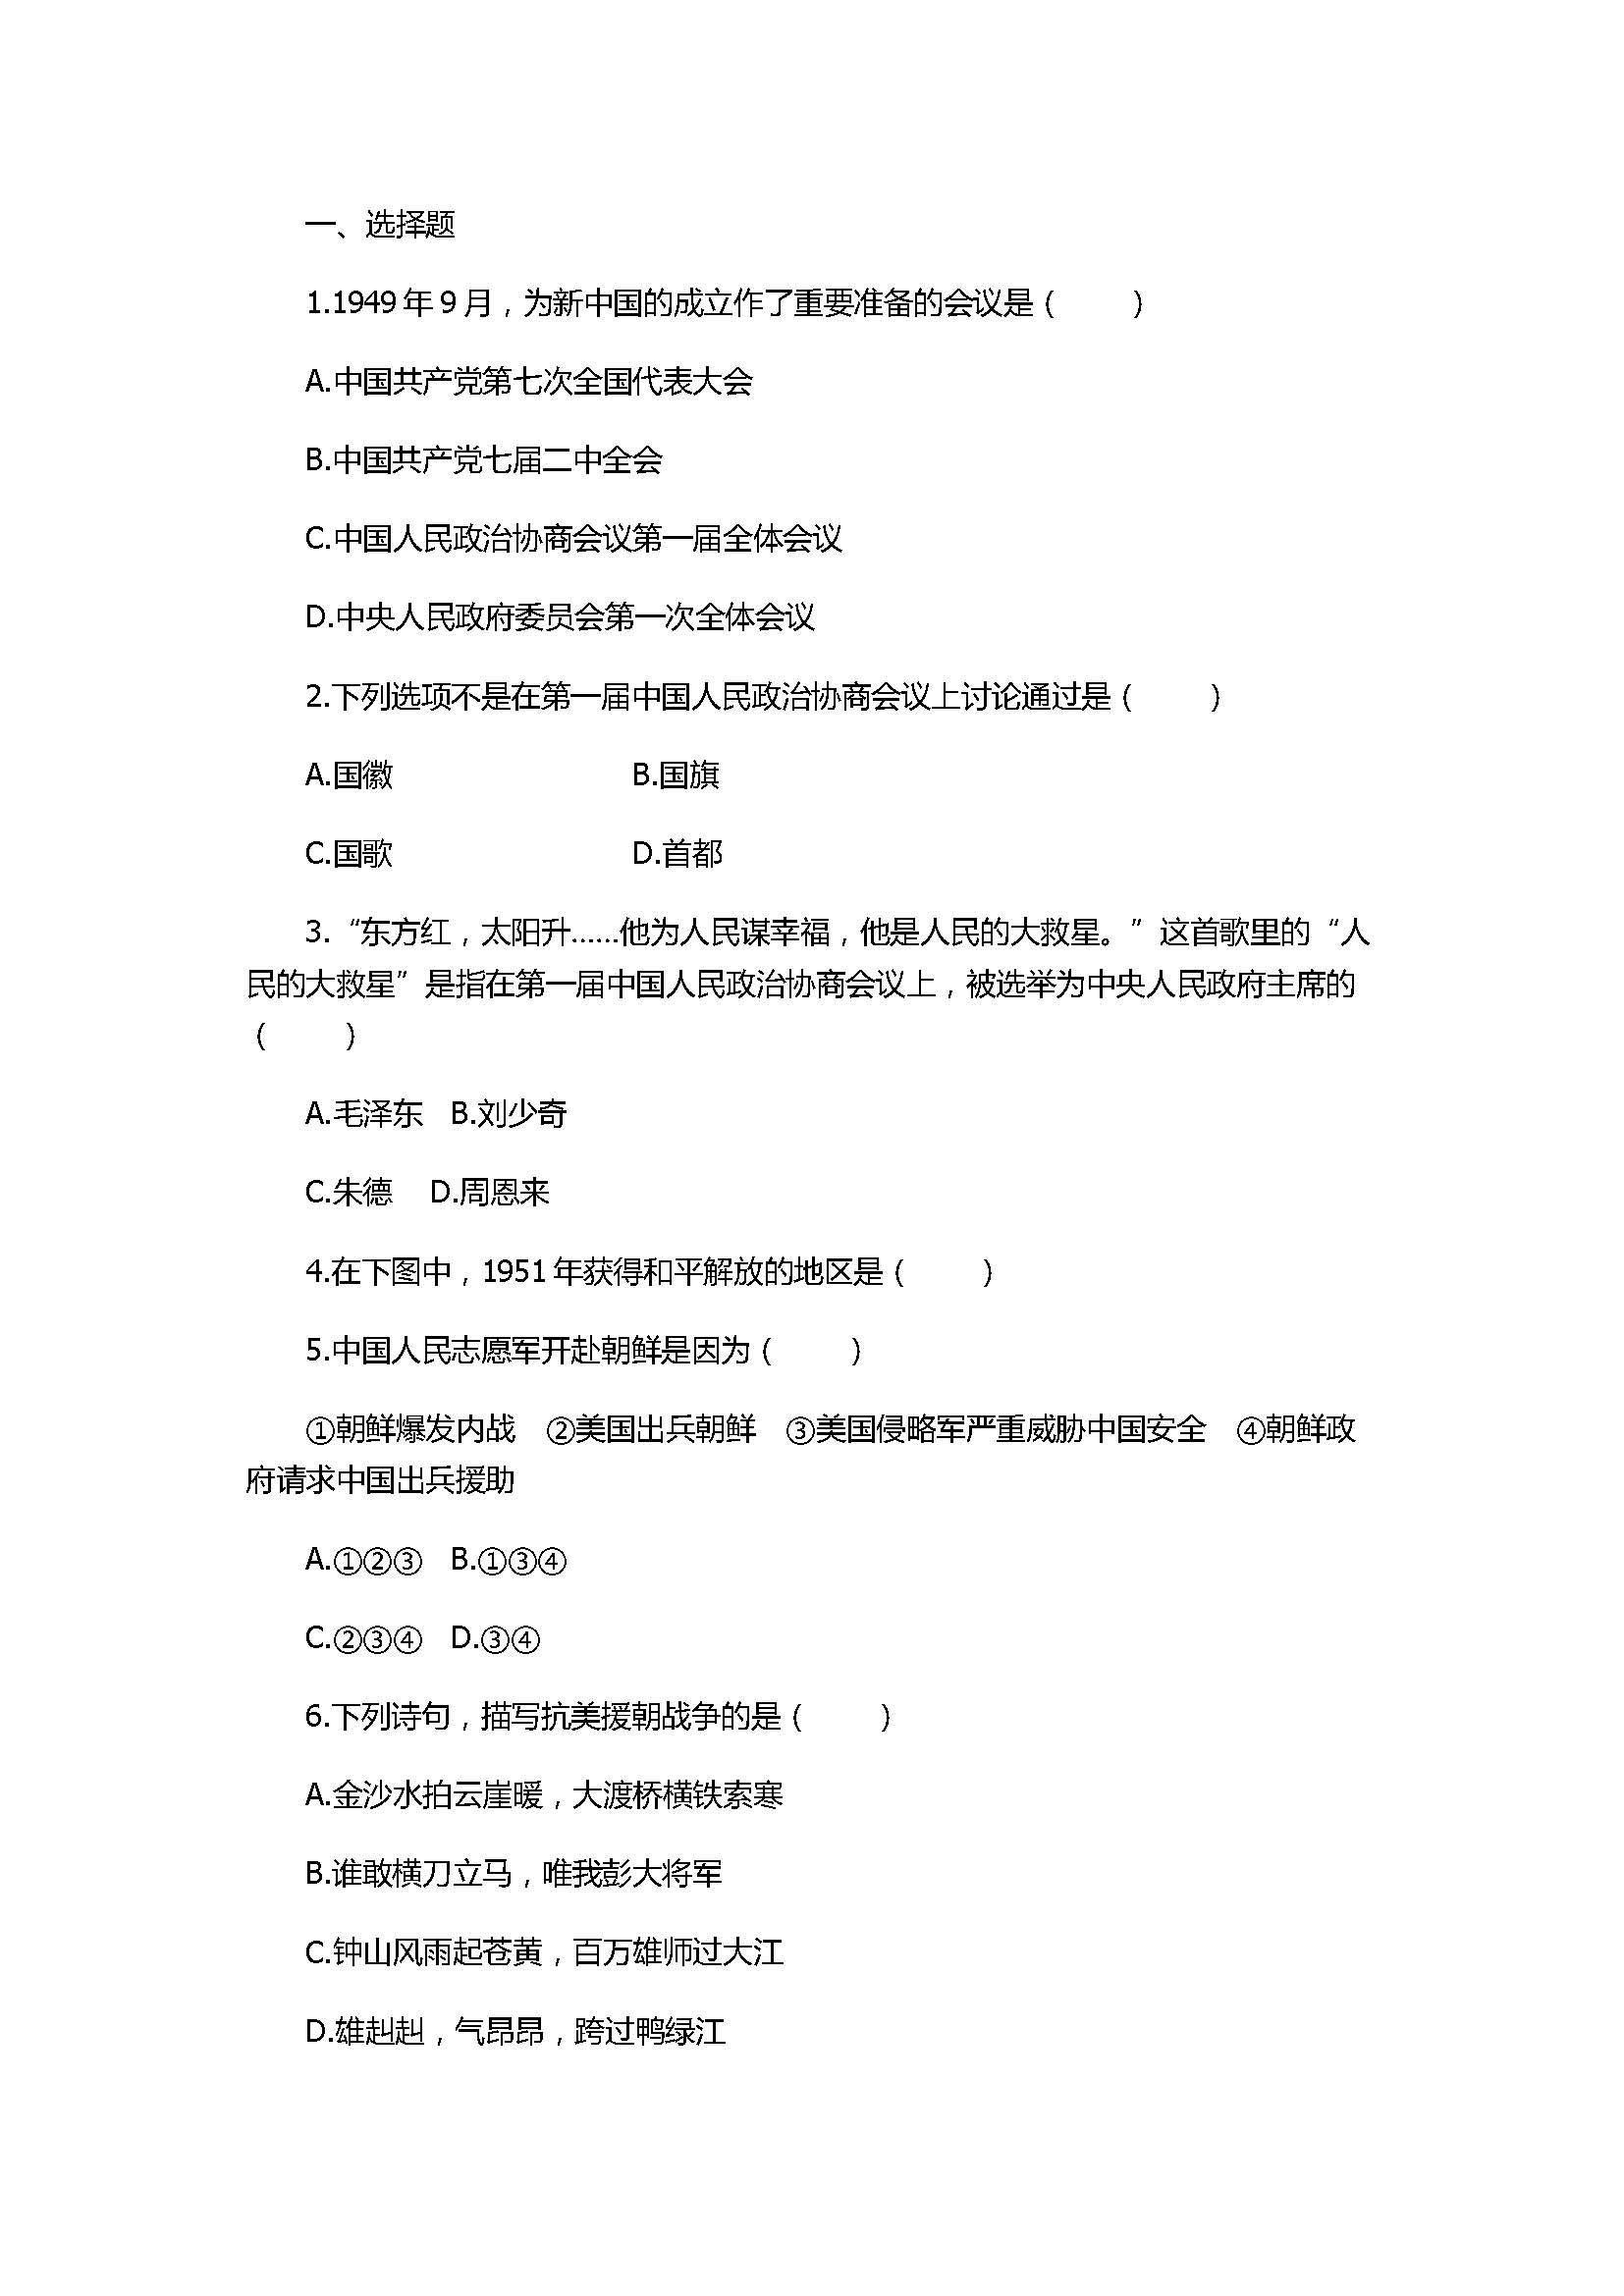 2017八年级历史下册《中华人民共和国成立》单元测试题含解析